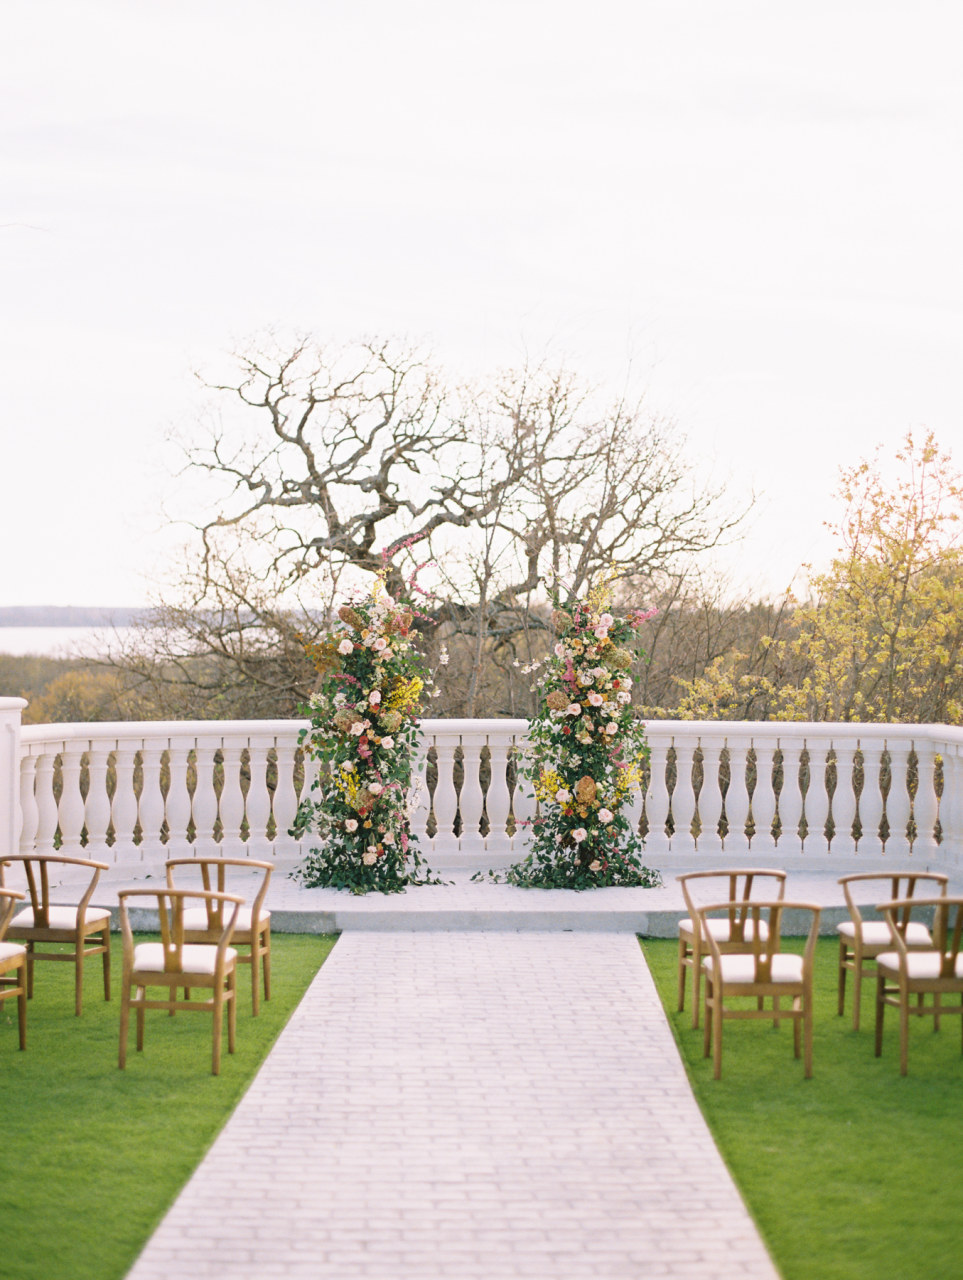 Hillside Estate Dallas outdoor wedding venue